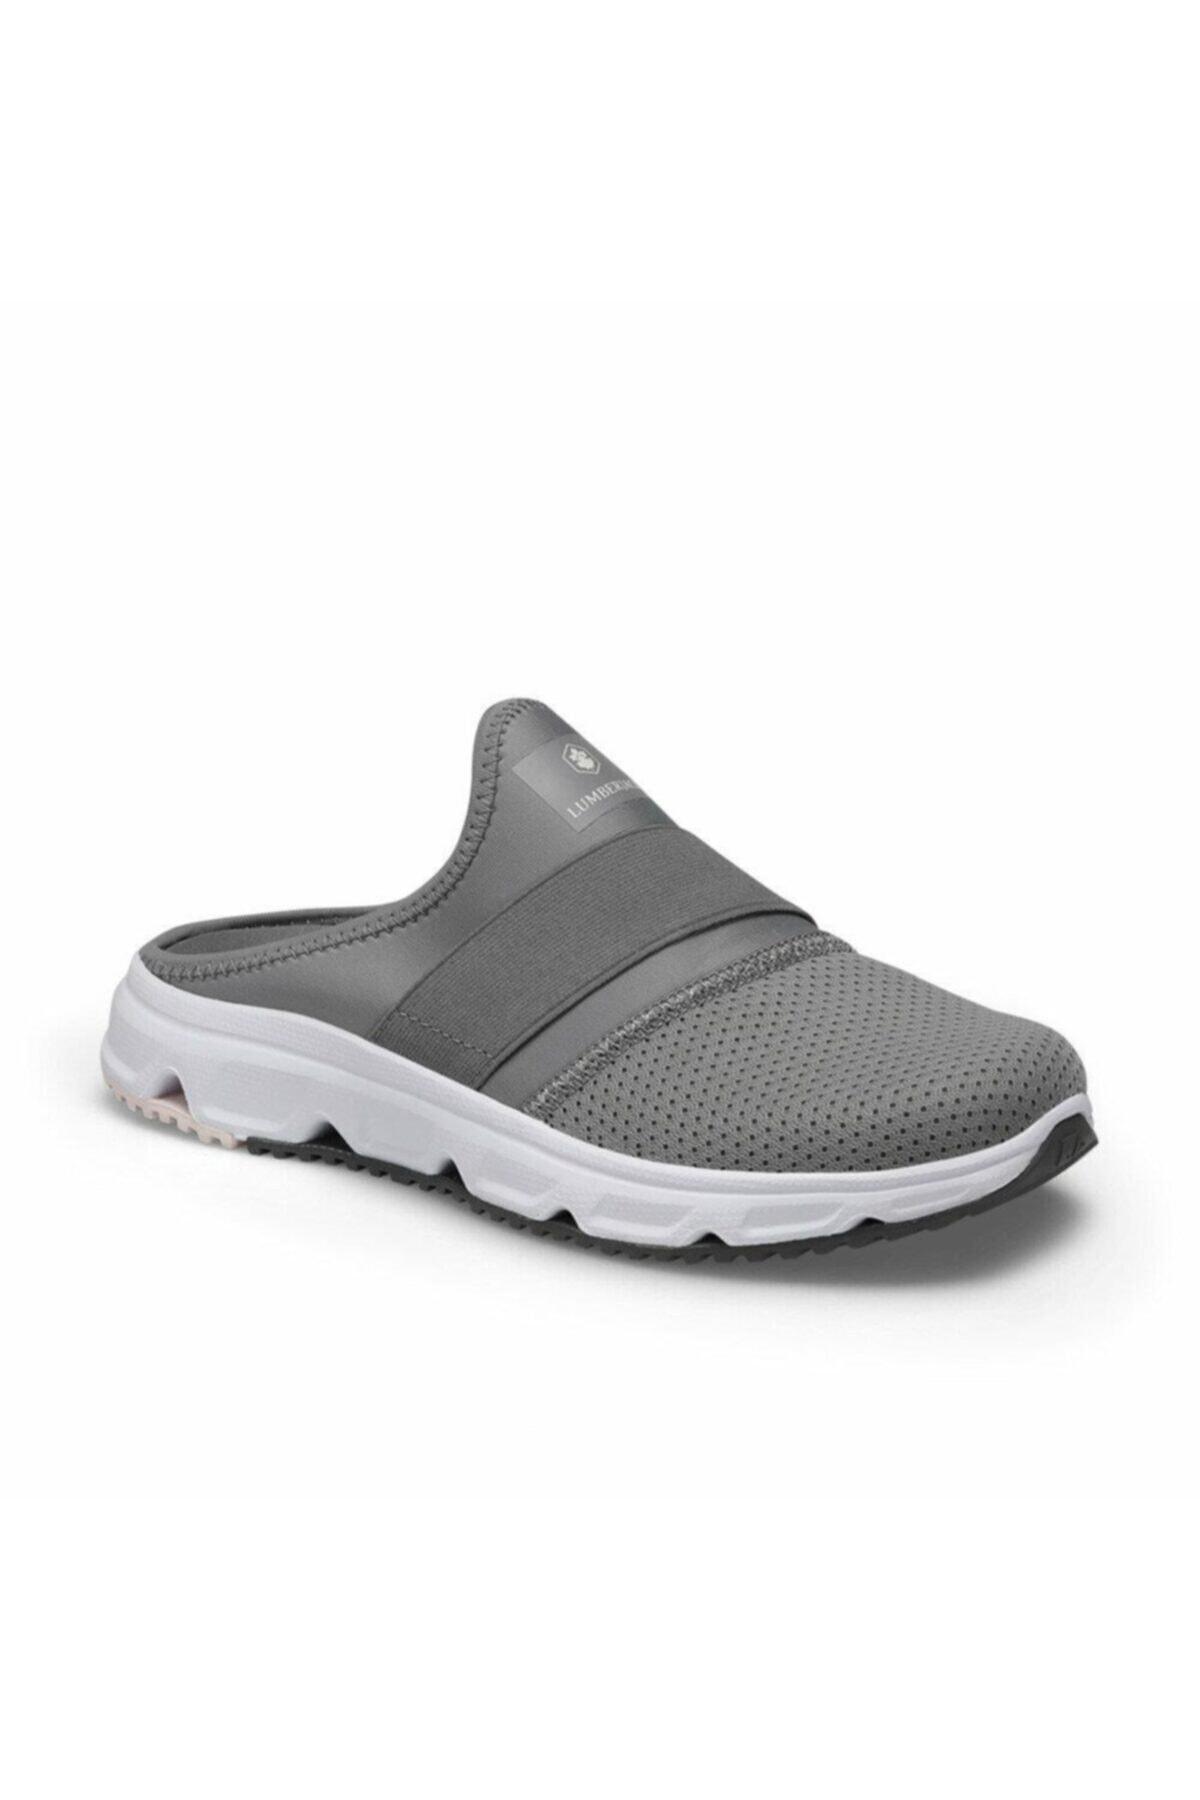 BALANCE WMN Açık Gri Kadın Sandalet 100487094